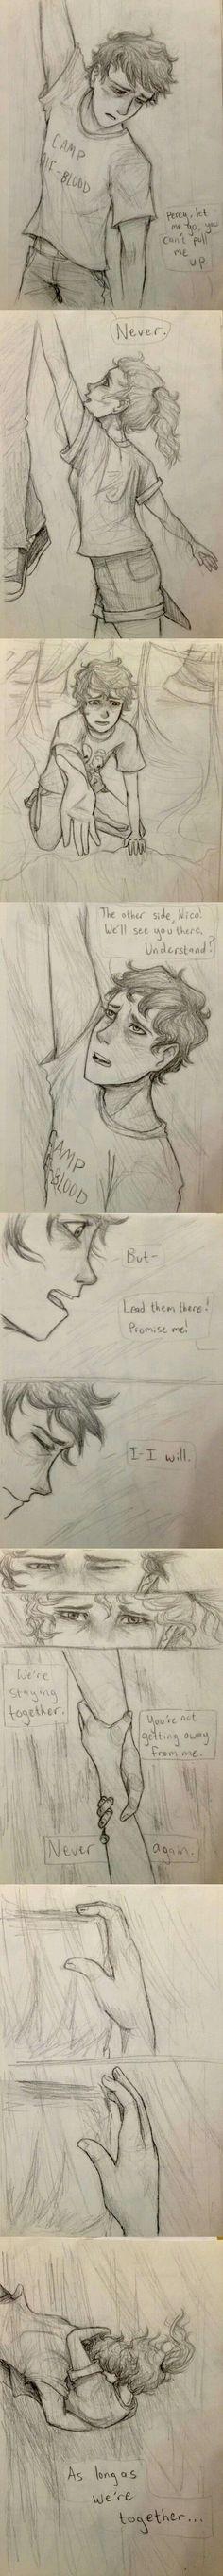 Su rostro estaba pálido por el esfuerzo. Podía ver en sus ojos que él sabía que  era inútil. - Nunca, -dijo.  Miró a Nico, quince metros más arriba-.  ¡El otro lado, Nico! Nos vemos allí. ¿Entiendes?  Los ojos de Nico se abrieron como platos.   – Pero… - ¡Guíalos allá!, gritó Percy. ¡Prométemelo! - Yo-yo lo haré.